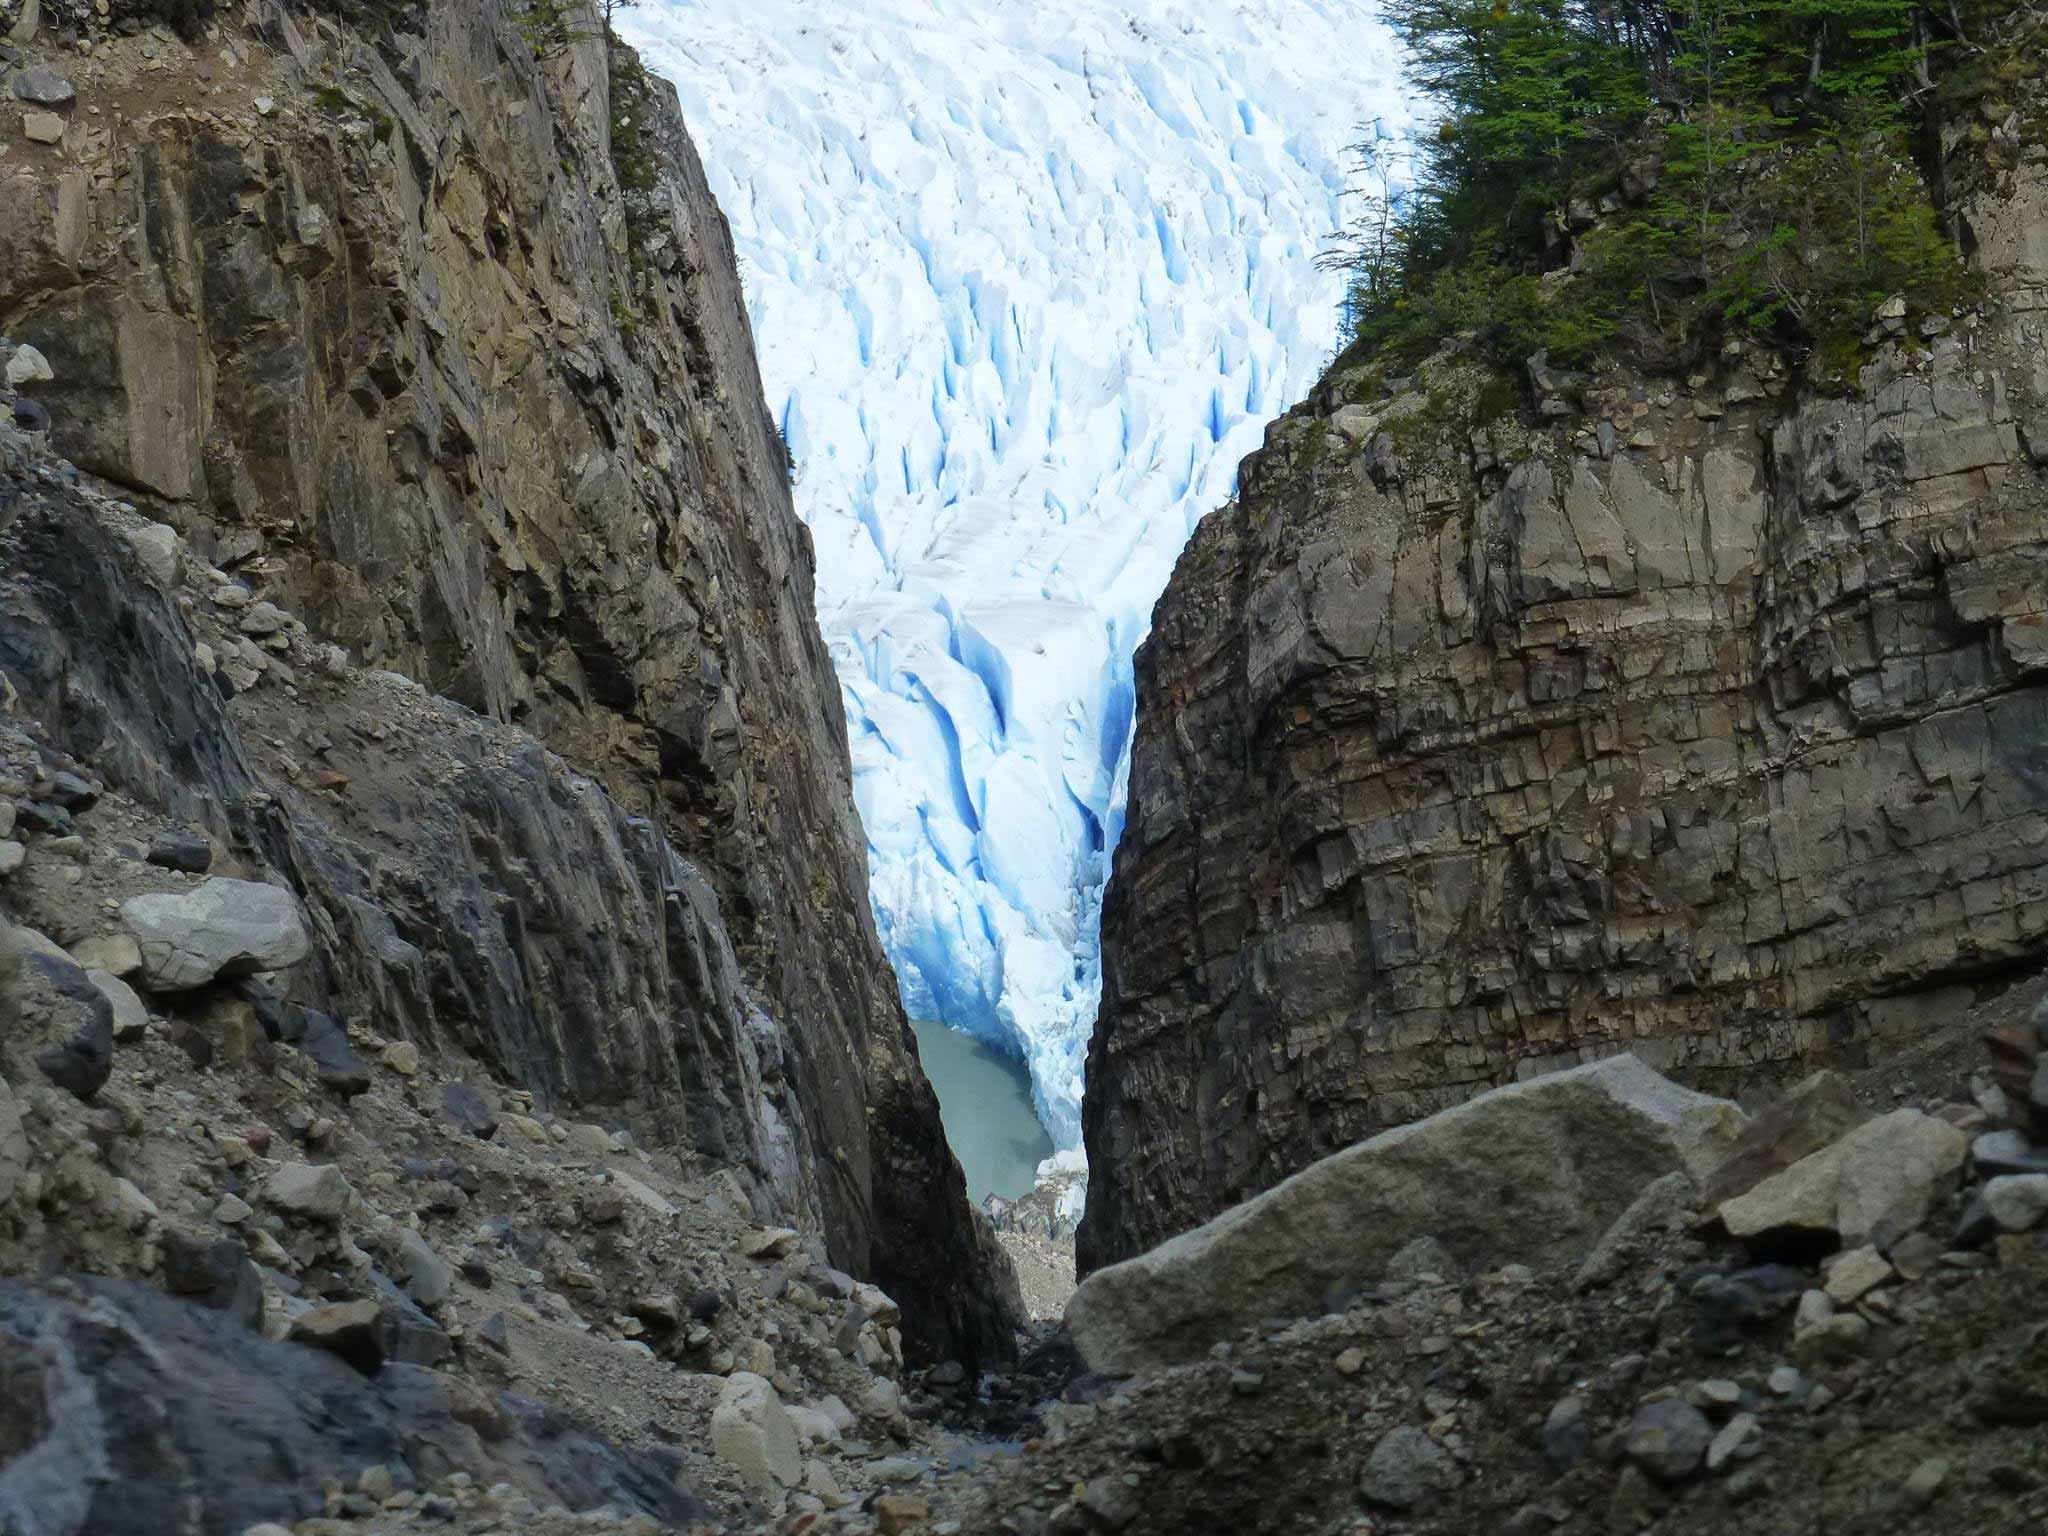 TDF-Glacier-Between-Rocks-6-23-20